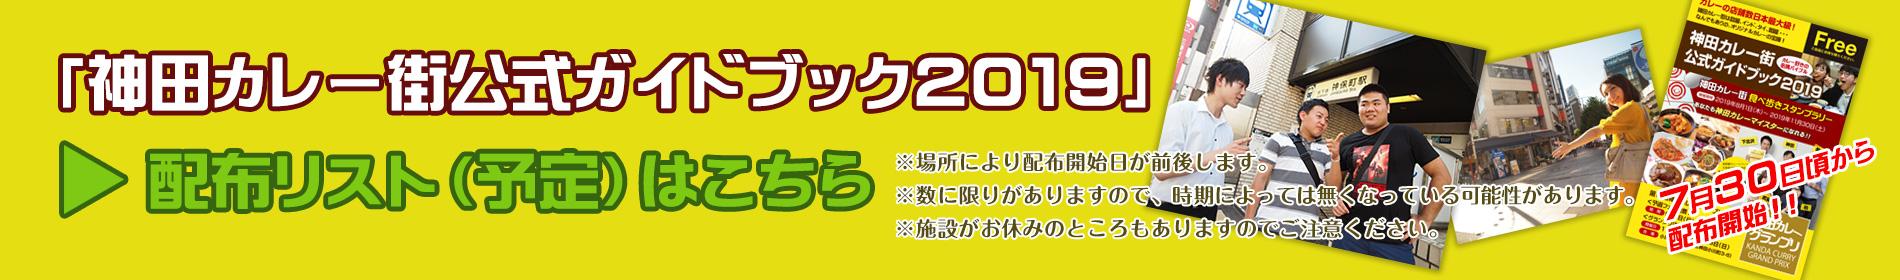 神田カレー街公式ガイドブック配布場所です。